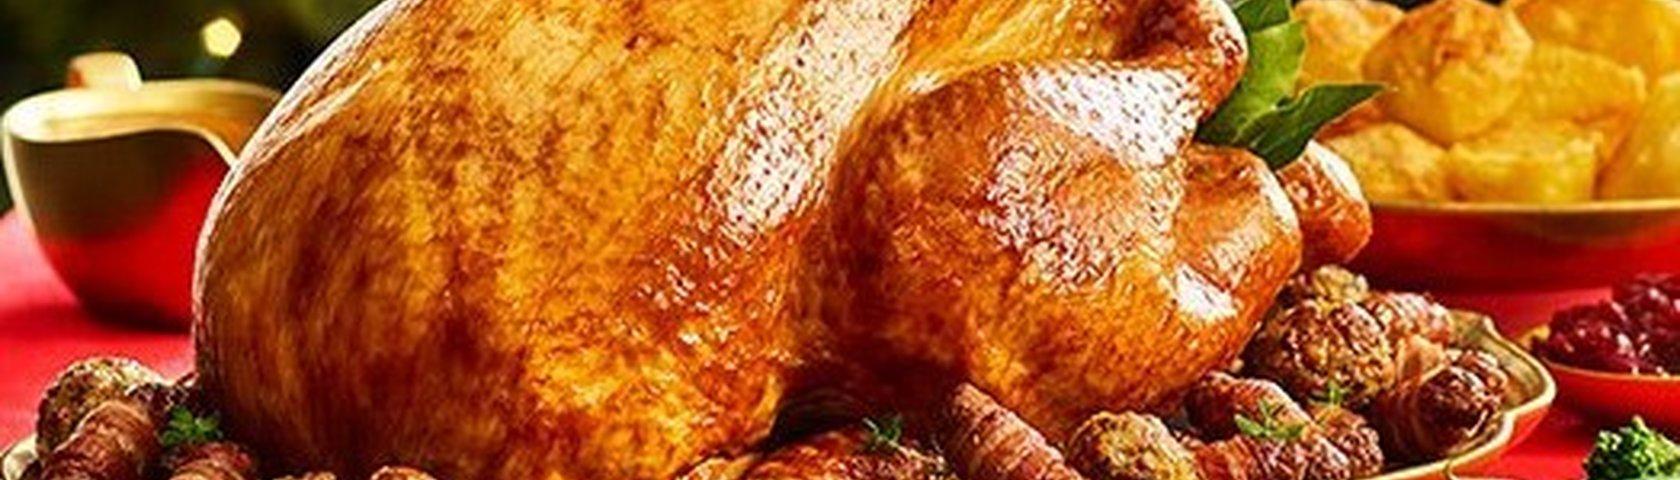 Turkey 2Tl1 2